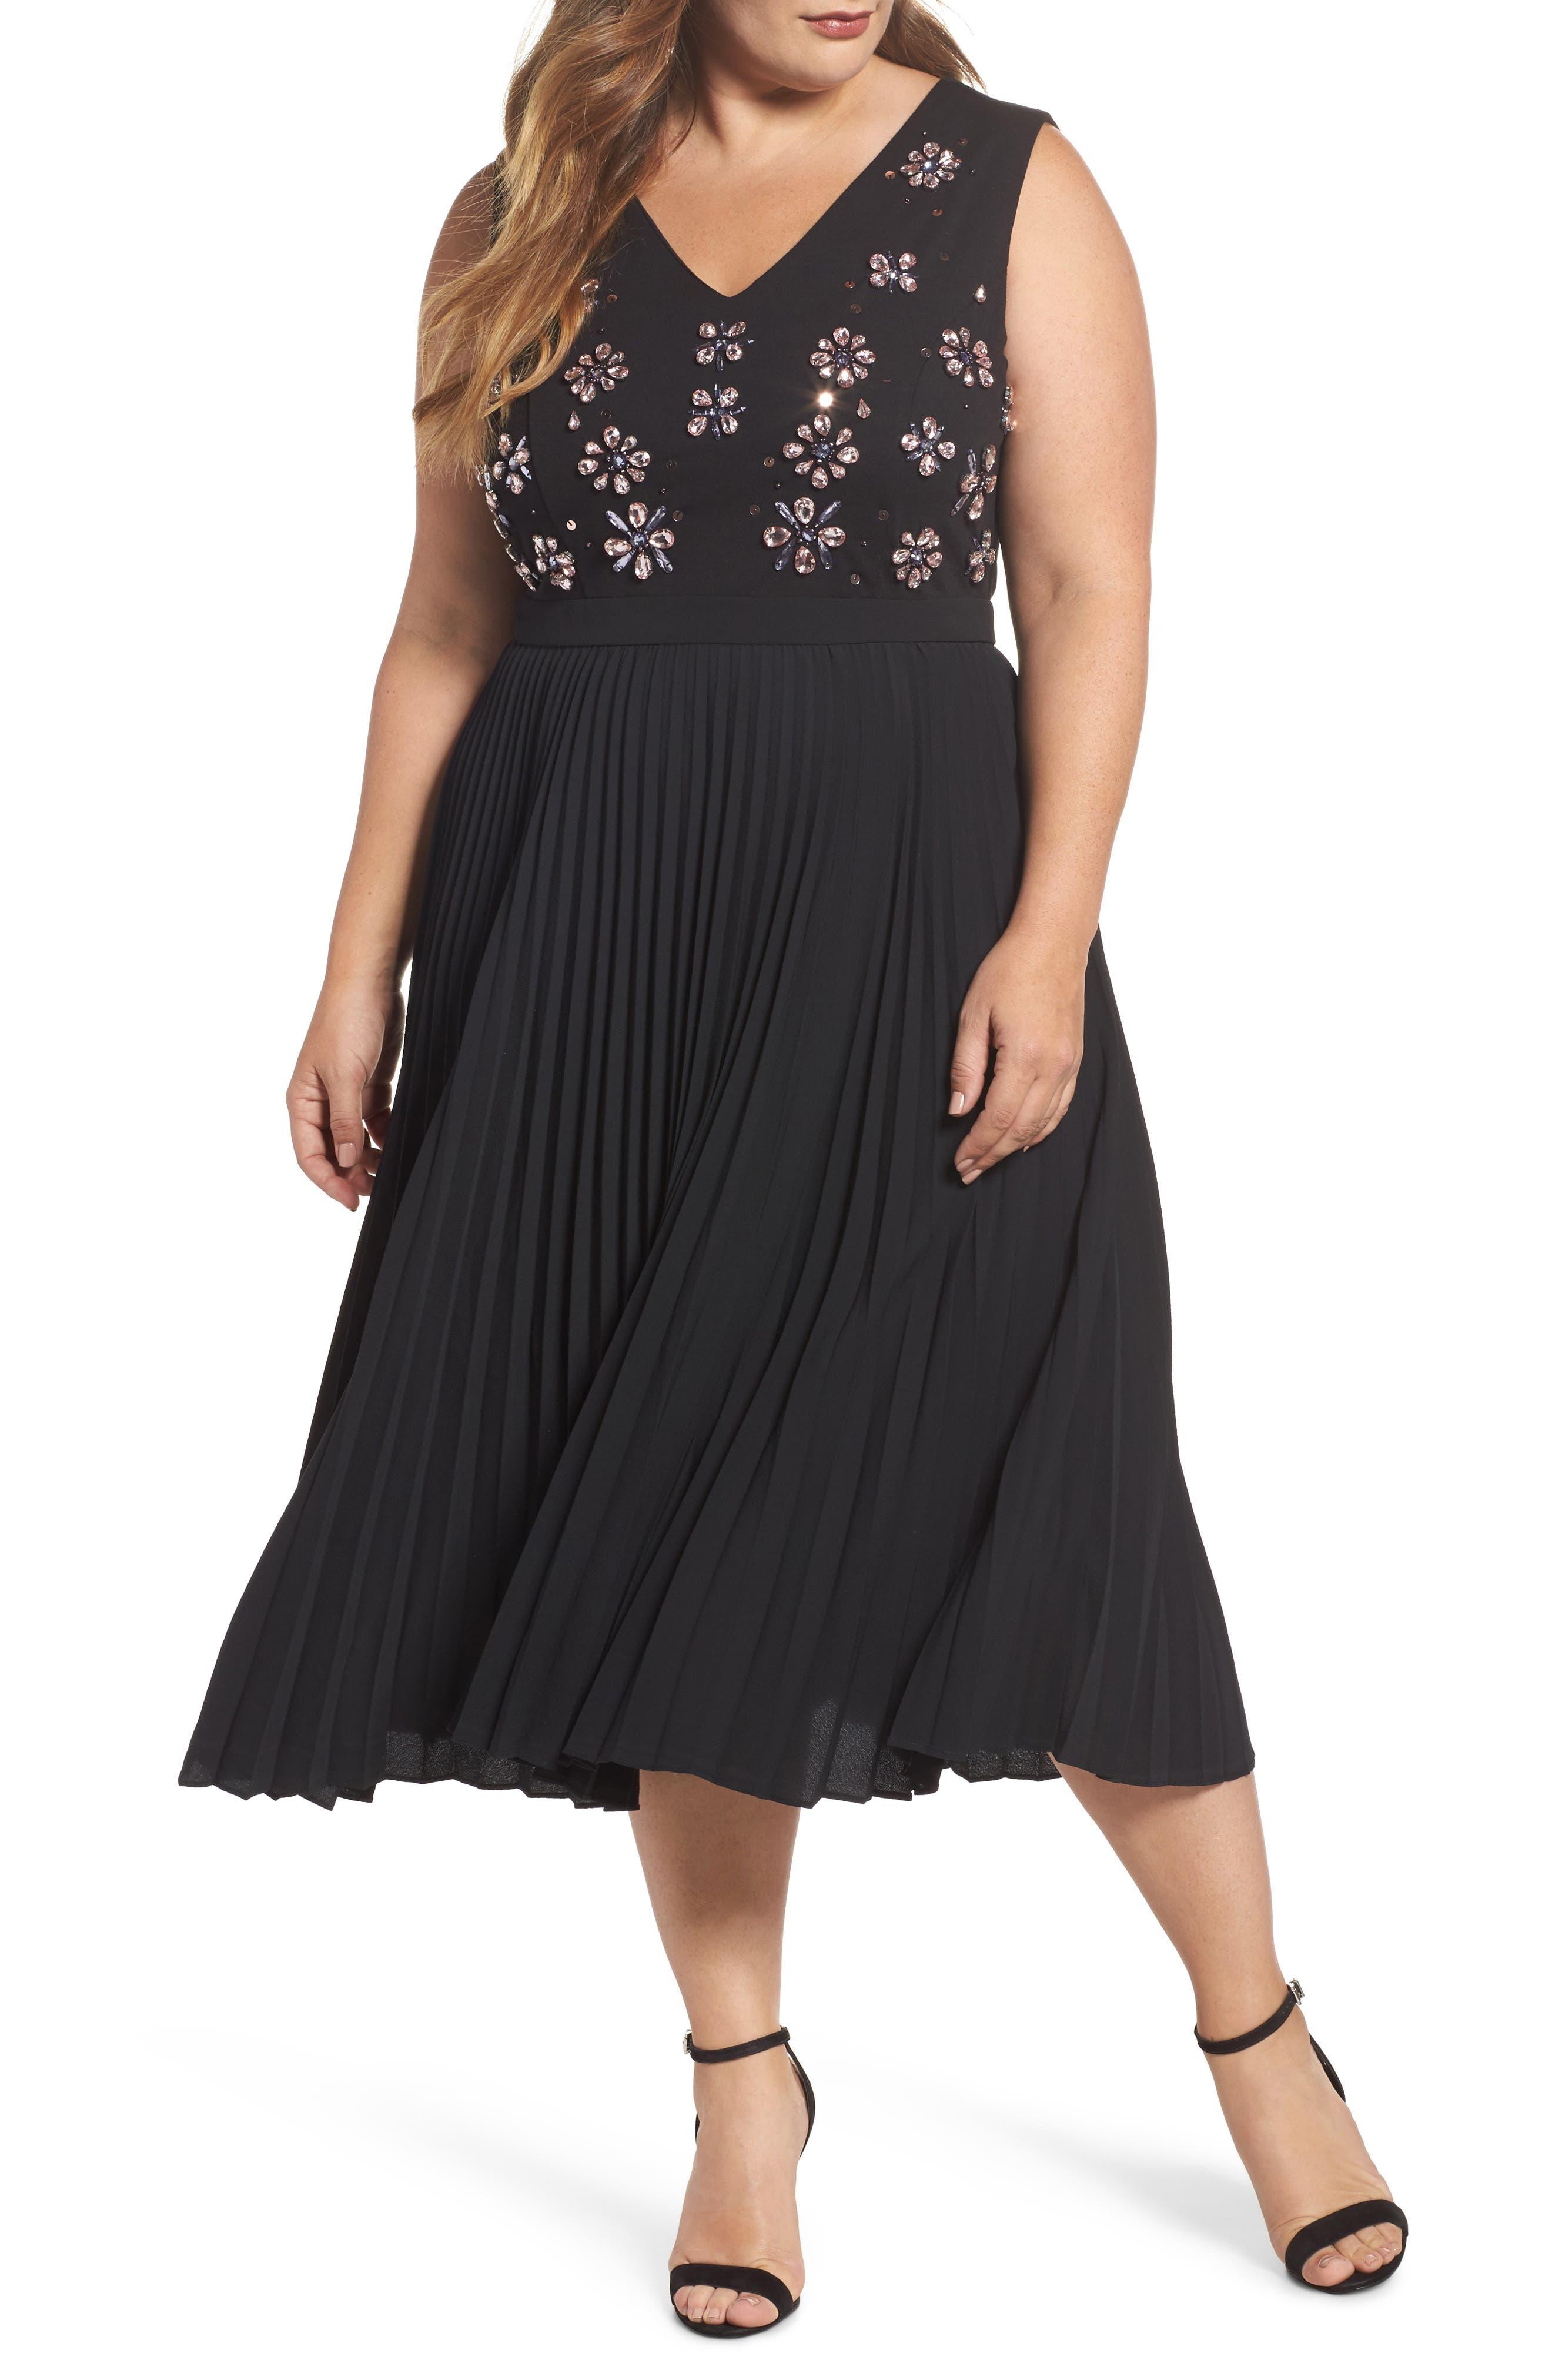 Crystal Flower Embellished Dress,                         Main,                         color,